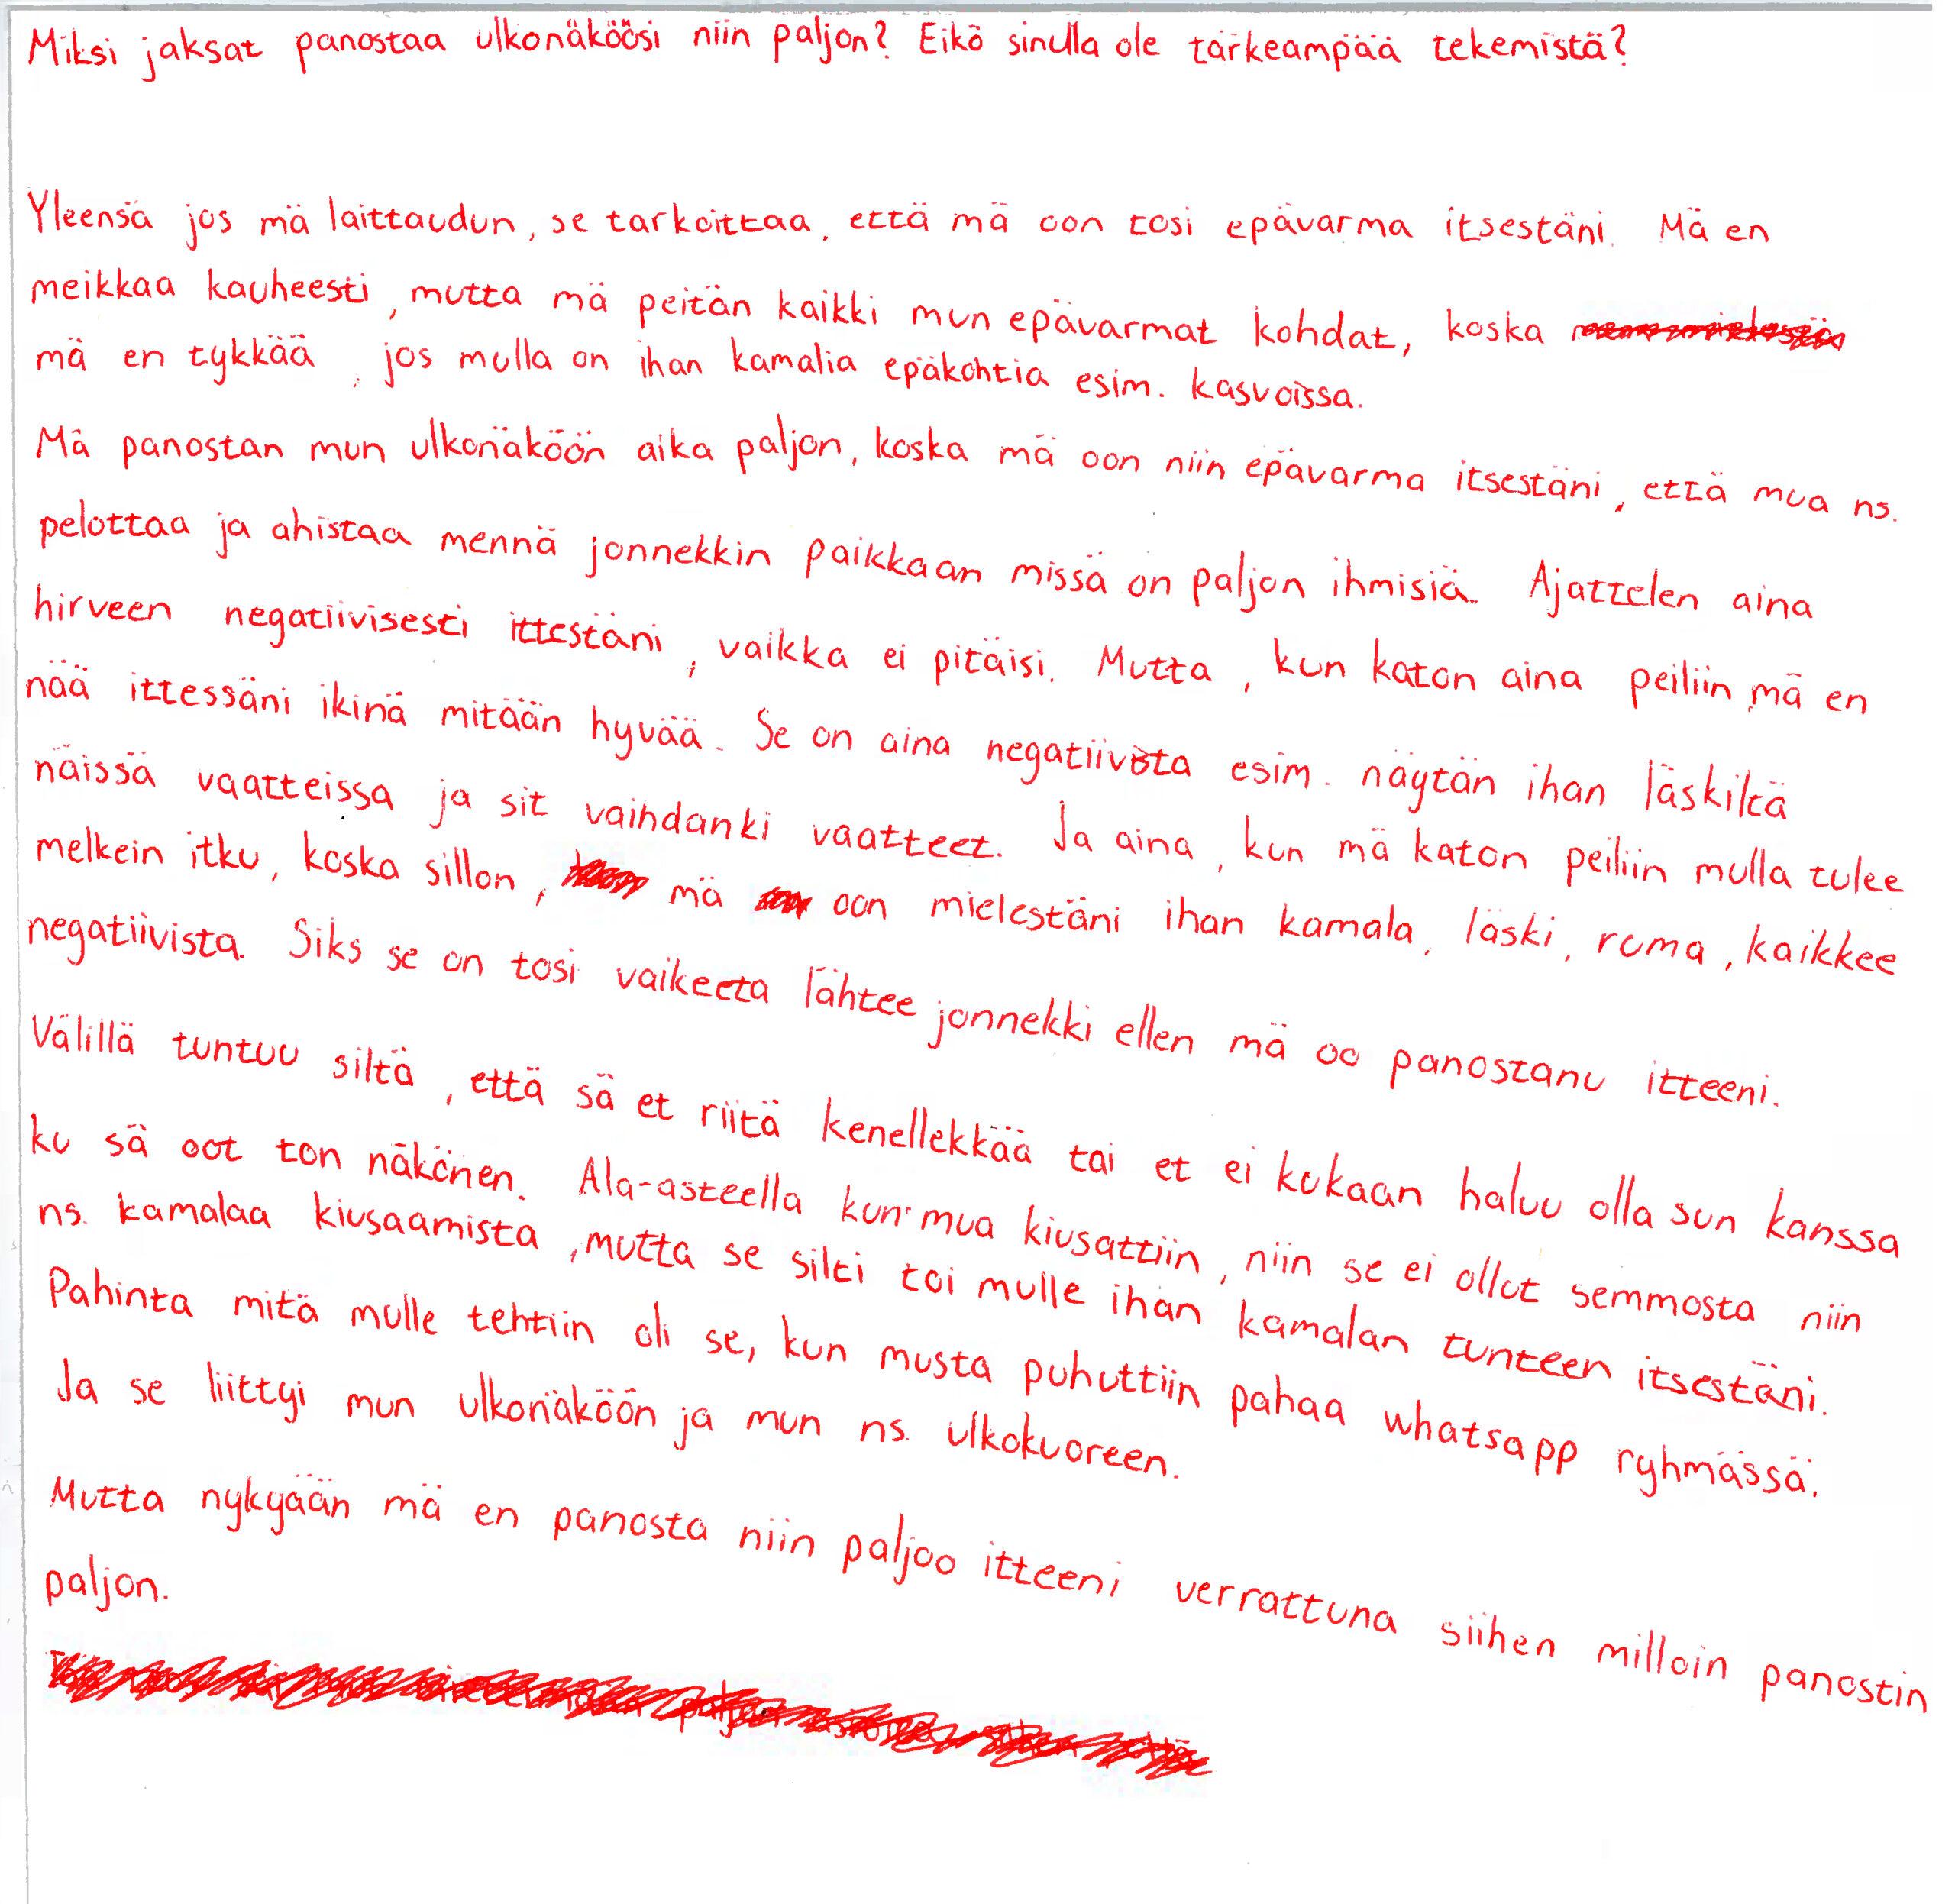 """Skannaus paperista, johon kirjoitettu punaisella kynällä seuraavasti: """"Miksi jaksat panostaa ulkonäköösi niin paljon? Eikö sinulla ole tärkeämpää tekemistä?  Yleensä jos mä laittaudun, se tarkoittaa, että mä oon tosi epävarma itsestäni. Mä en meikkaa kauheasti, mutta mä peitän kaikki mun epävarmat kohdat, koska *sutattua tekstiä* mä en tykkää, jos mulla on ihan kamalia epäkohtia esim. kasvoissa. Mä panostan mun ulkonäköön aika paljon, koska mä oon niin epävarma itsestäni, että mun ns. pelottaa ja ahdistaa mennä jonnekkin paikkaan missä on paljon ihmisiä. Ajattelen aina hirveen negatiivisesti ittestäni, vaikka ei pitäisi. Mutta, kun katon aina peiniin mä en nää ittessäni ikinä mitään hyvää. Se on aina negatiivista esim. näytän ihan läskiltä näissä vaatteissa ja sit vaihdankin vaatteet. Ja aina, kun mä katon peiliin mulla tulee melkei itku, koska silloin, * sutattua tekstiä* mä * sutattua tekstiä* oon mielestäni ihan kamala, läski, ruma, kaikkee negatiivista. Siks se on tosi vaikeeta lähtee jonnekkin ellen mä oo panostanu itteeni. Välillä tuntuu siltä, että sä et riitä kenellekkään ai et ei kukaan haluu olla sun kanssa ku sä oot ton näkönen. Ala-asteella kun mua kiusattiin, niin se ei ollut semmosta niin ns. kamalaa kiusaamista, mutta se silti toi mulle ihan kamalan tunteen itsestäni. Pahinta mitä mulle tehtiin oli se, et musta puhuttiin pahaa whatsapp ryhmässä. Ja se liittyi mun ulkonäköön ja mun ns. ulkokuoreen. Mutta nykyään mä en panosta niin paljoo itteni verrattuna sihen milloin panostin paljon."""""""